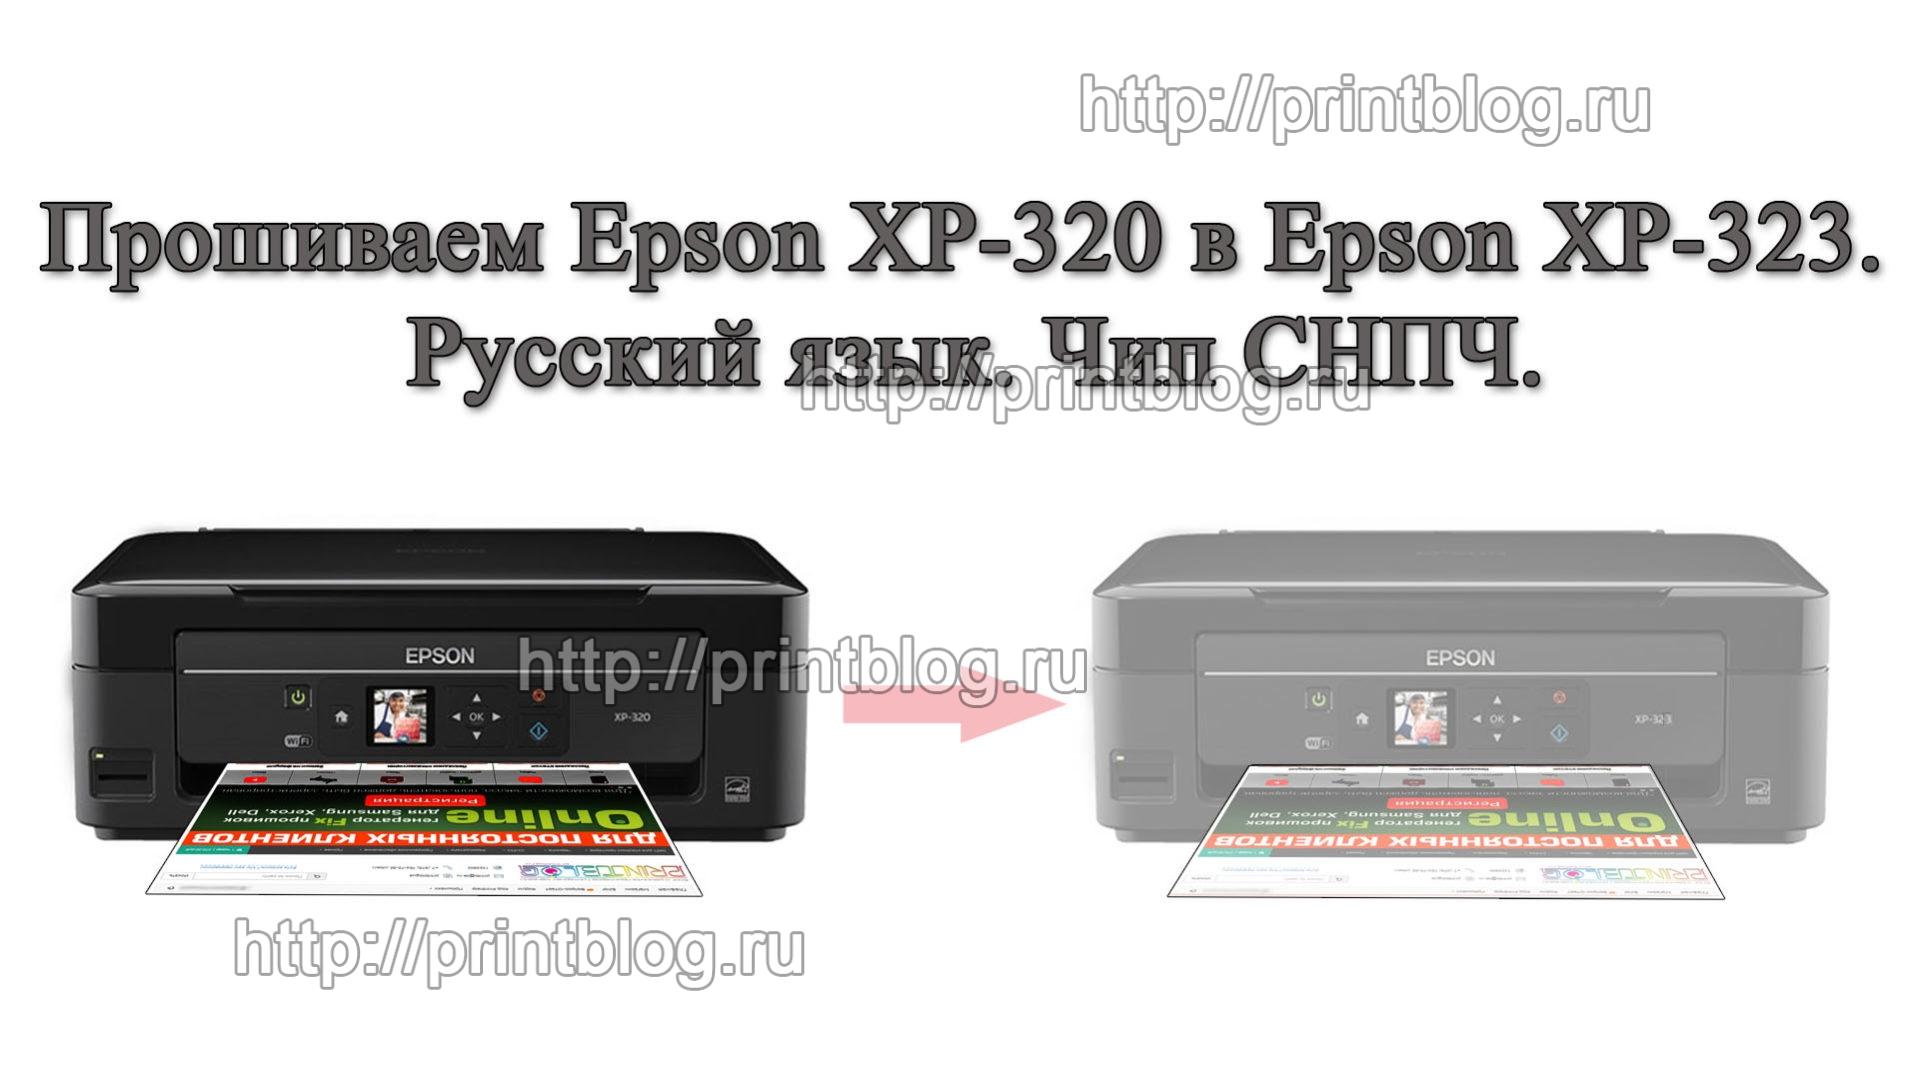 Прошиваем Epson XP-320 в Epson XP-323. Русский язык. Чип СНПЧ